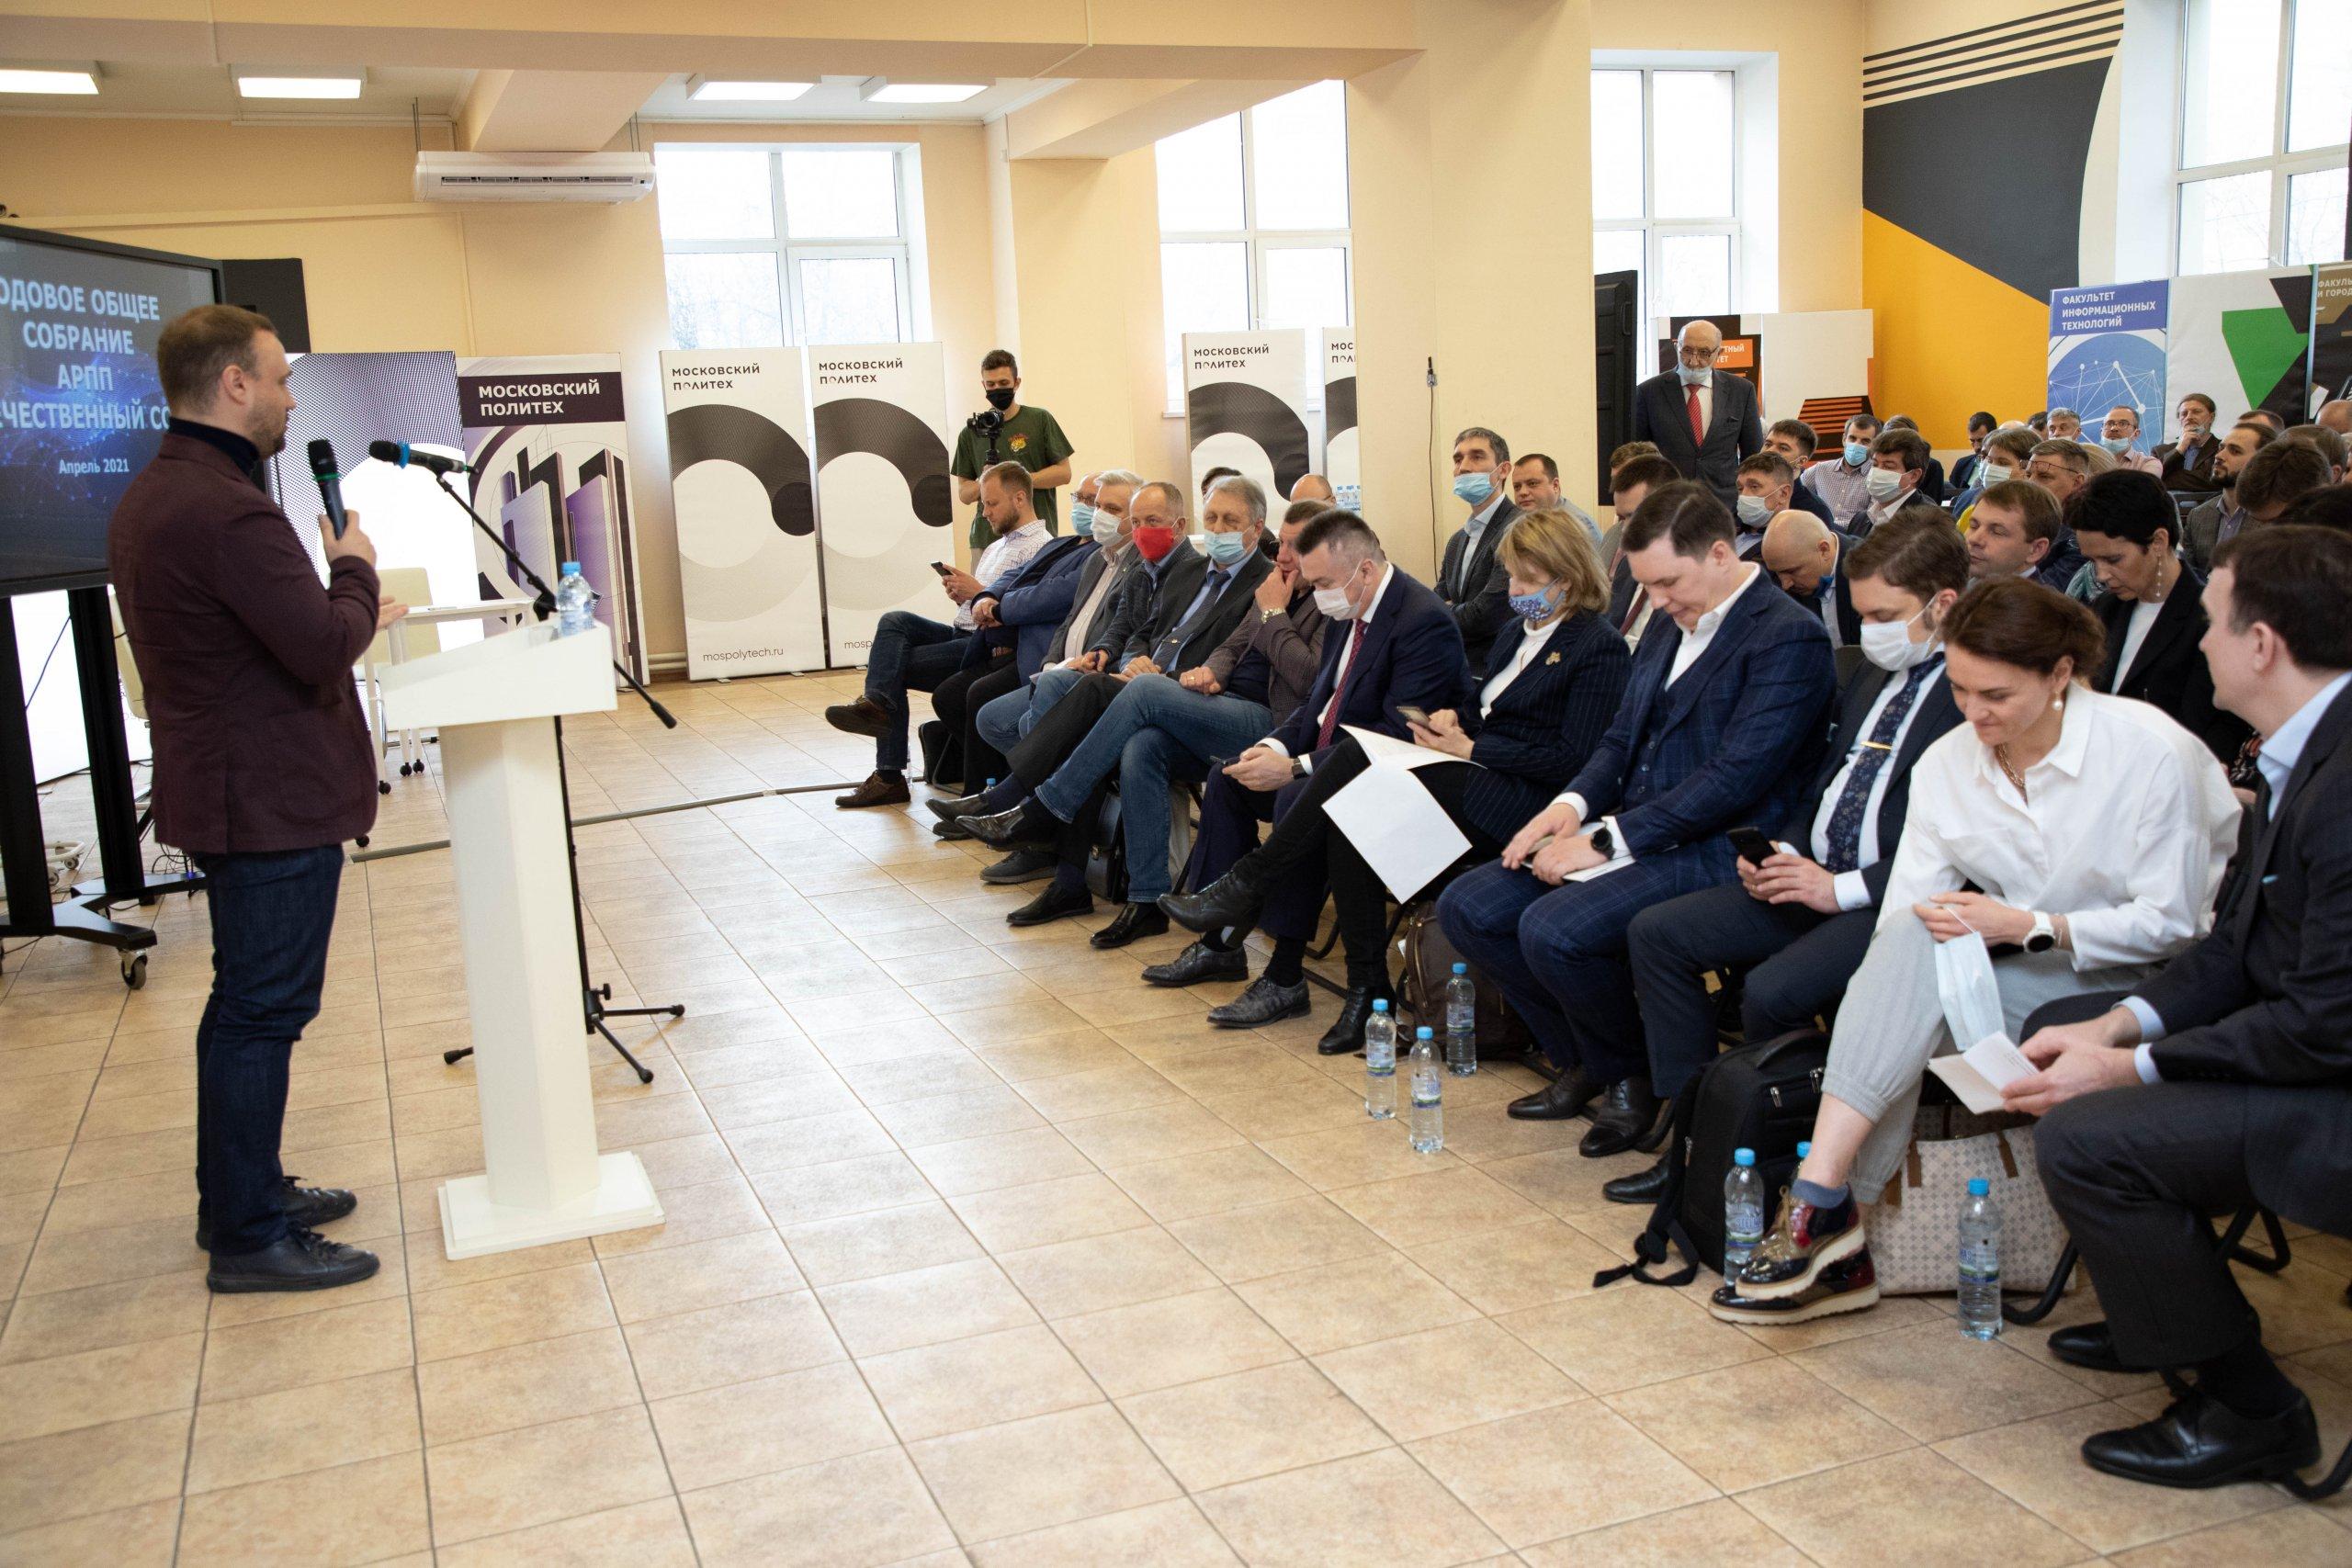 TrueConf принял участие в Годовом собрании АРПП «Отечественный софт» 2